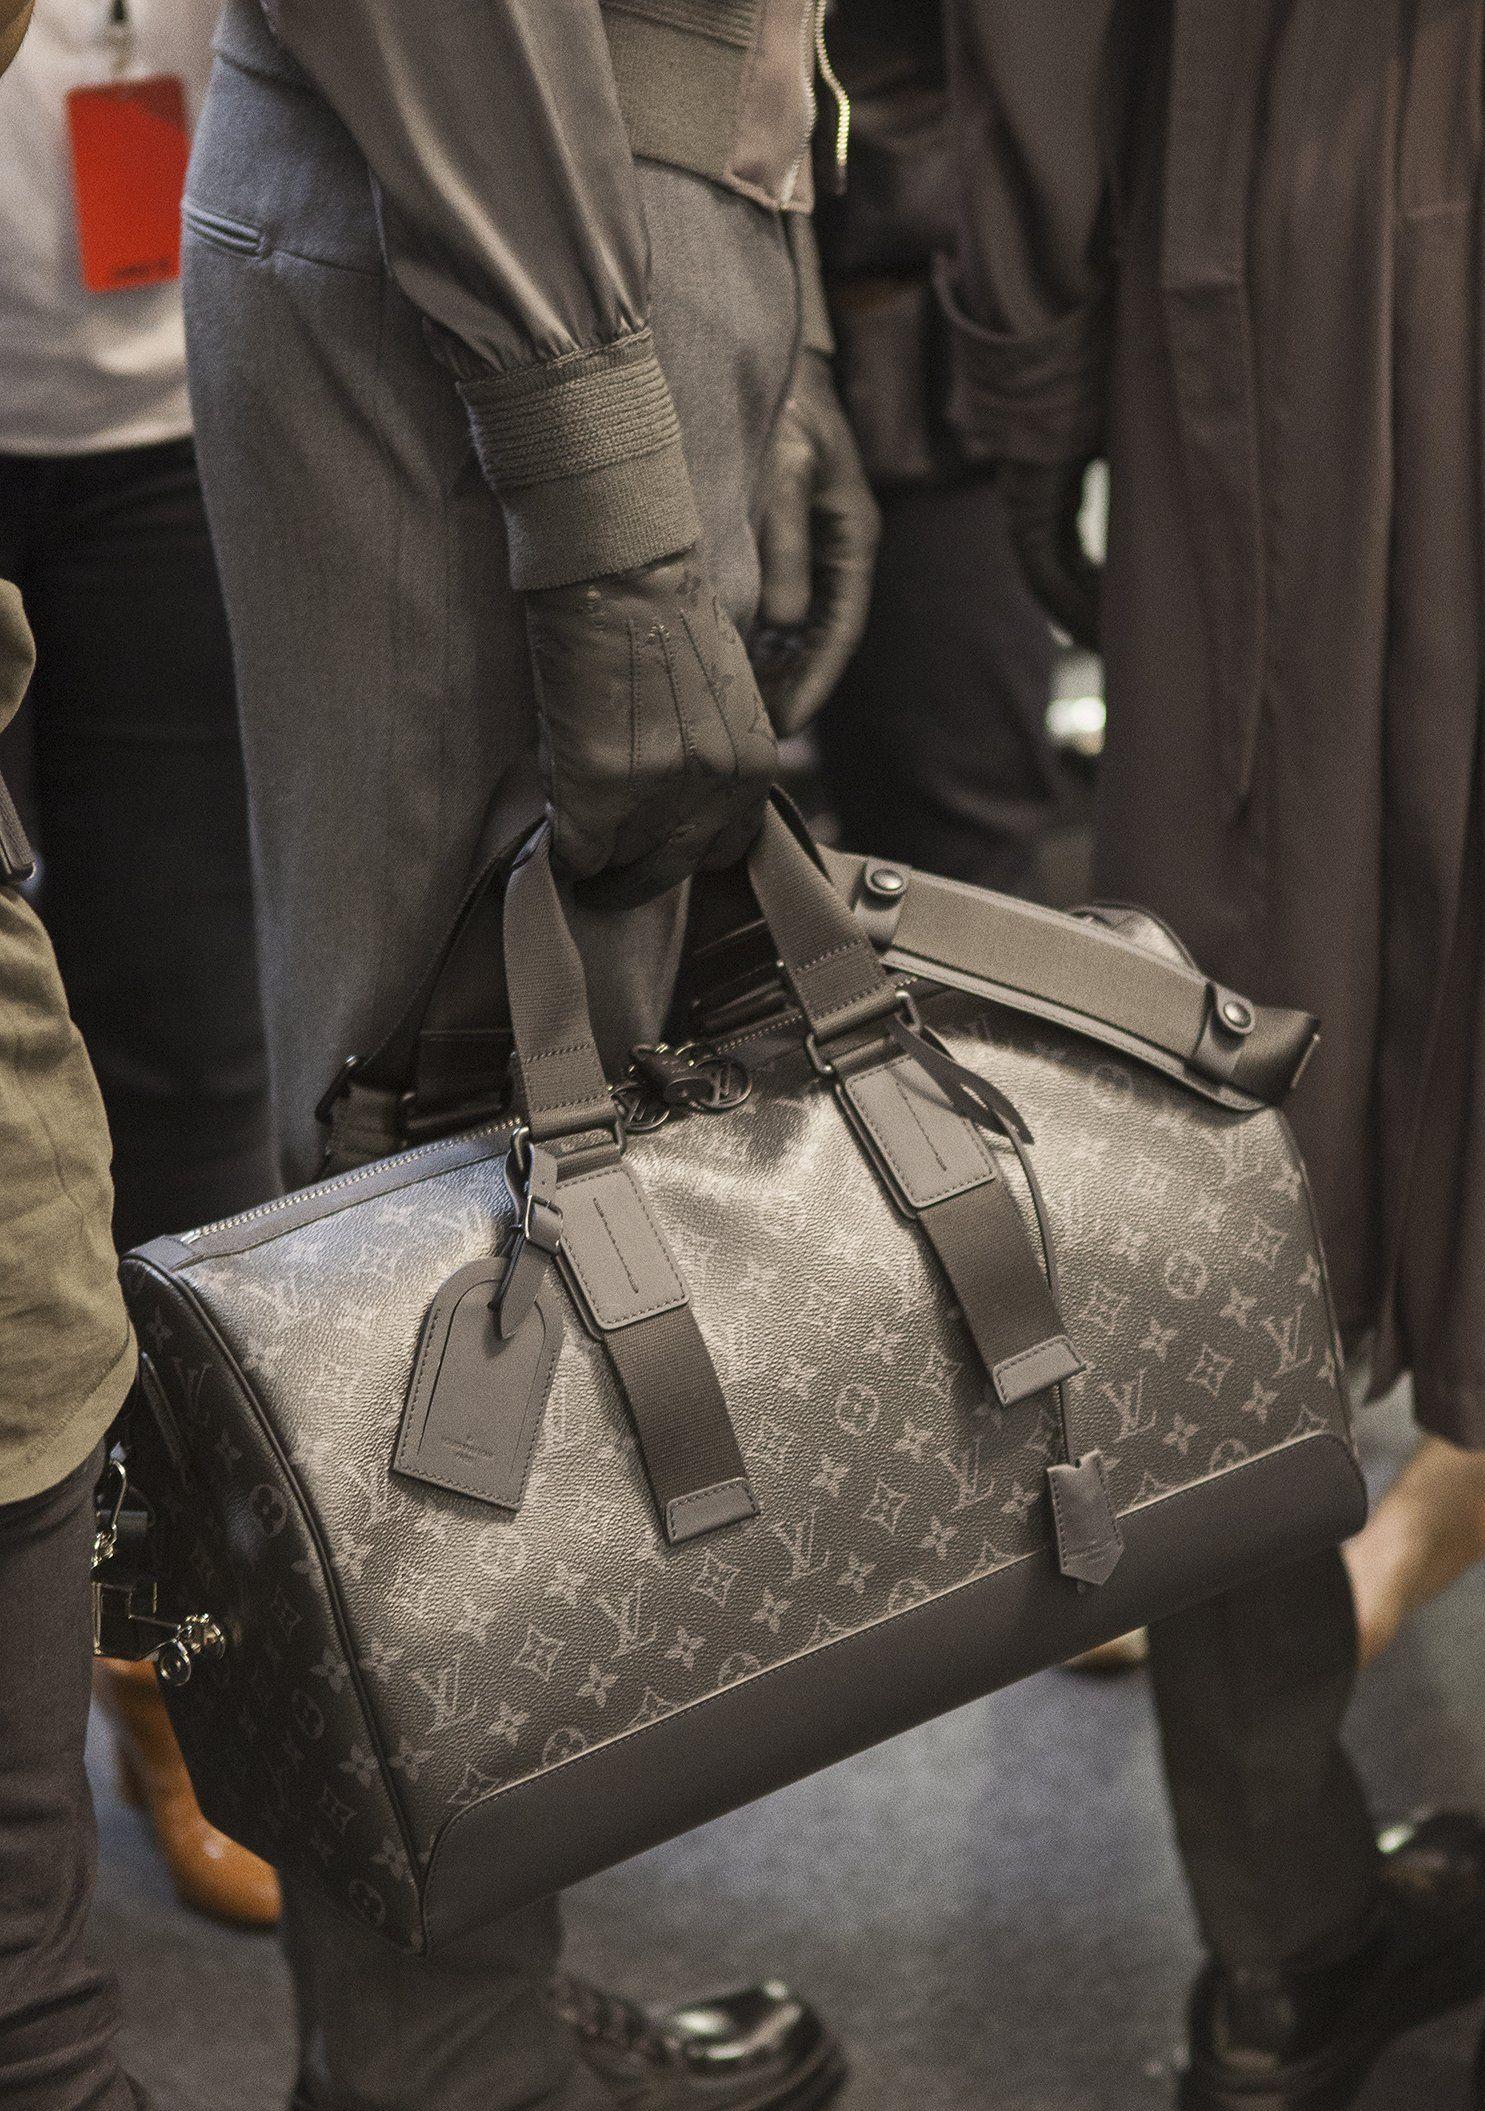 Louis Vuitton vind ik een mooi merk